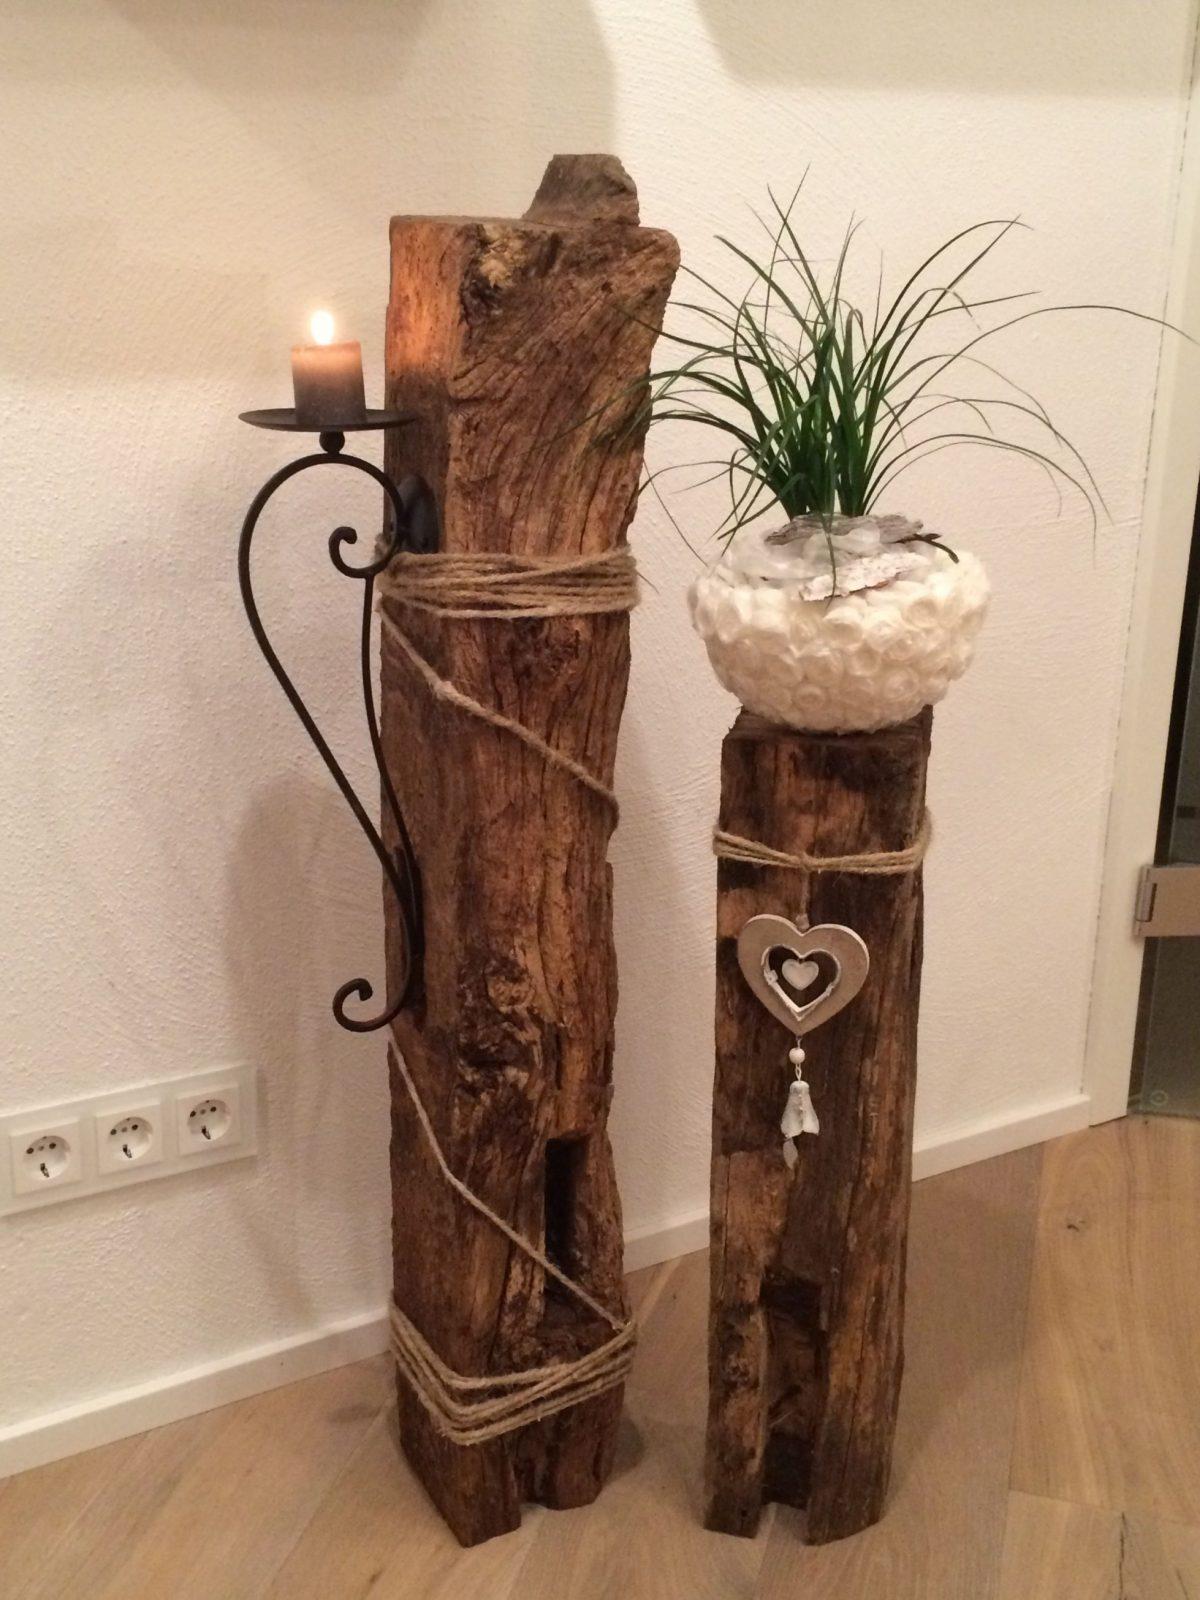 Deko Innen  Things I Want To Make  Holz Deko Selber Machen von Holz Kerzenständer Selber Machen Photo